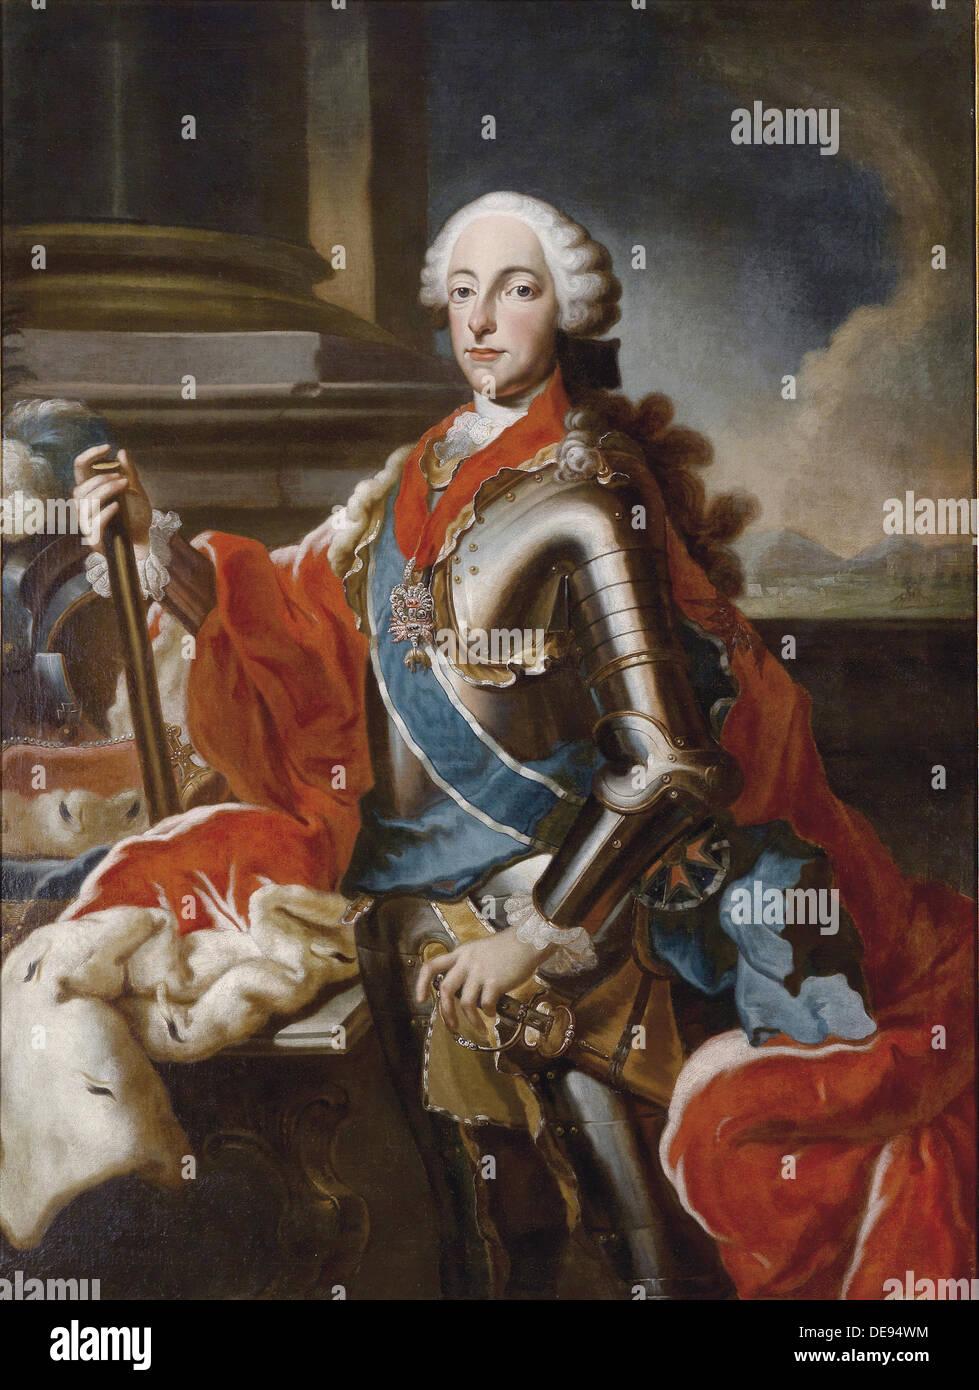 Portrait de Maximilien III Joseph (1727-1777), électeur de Bavière, milieu du 18e cen.. Artiste: Desmarées, George (1697-1776) Photo Stock